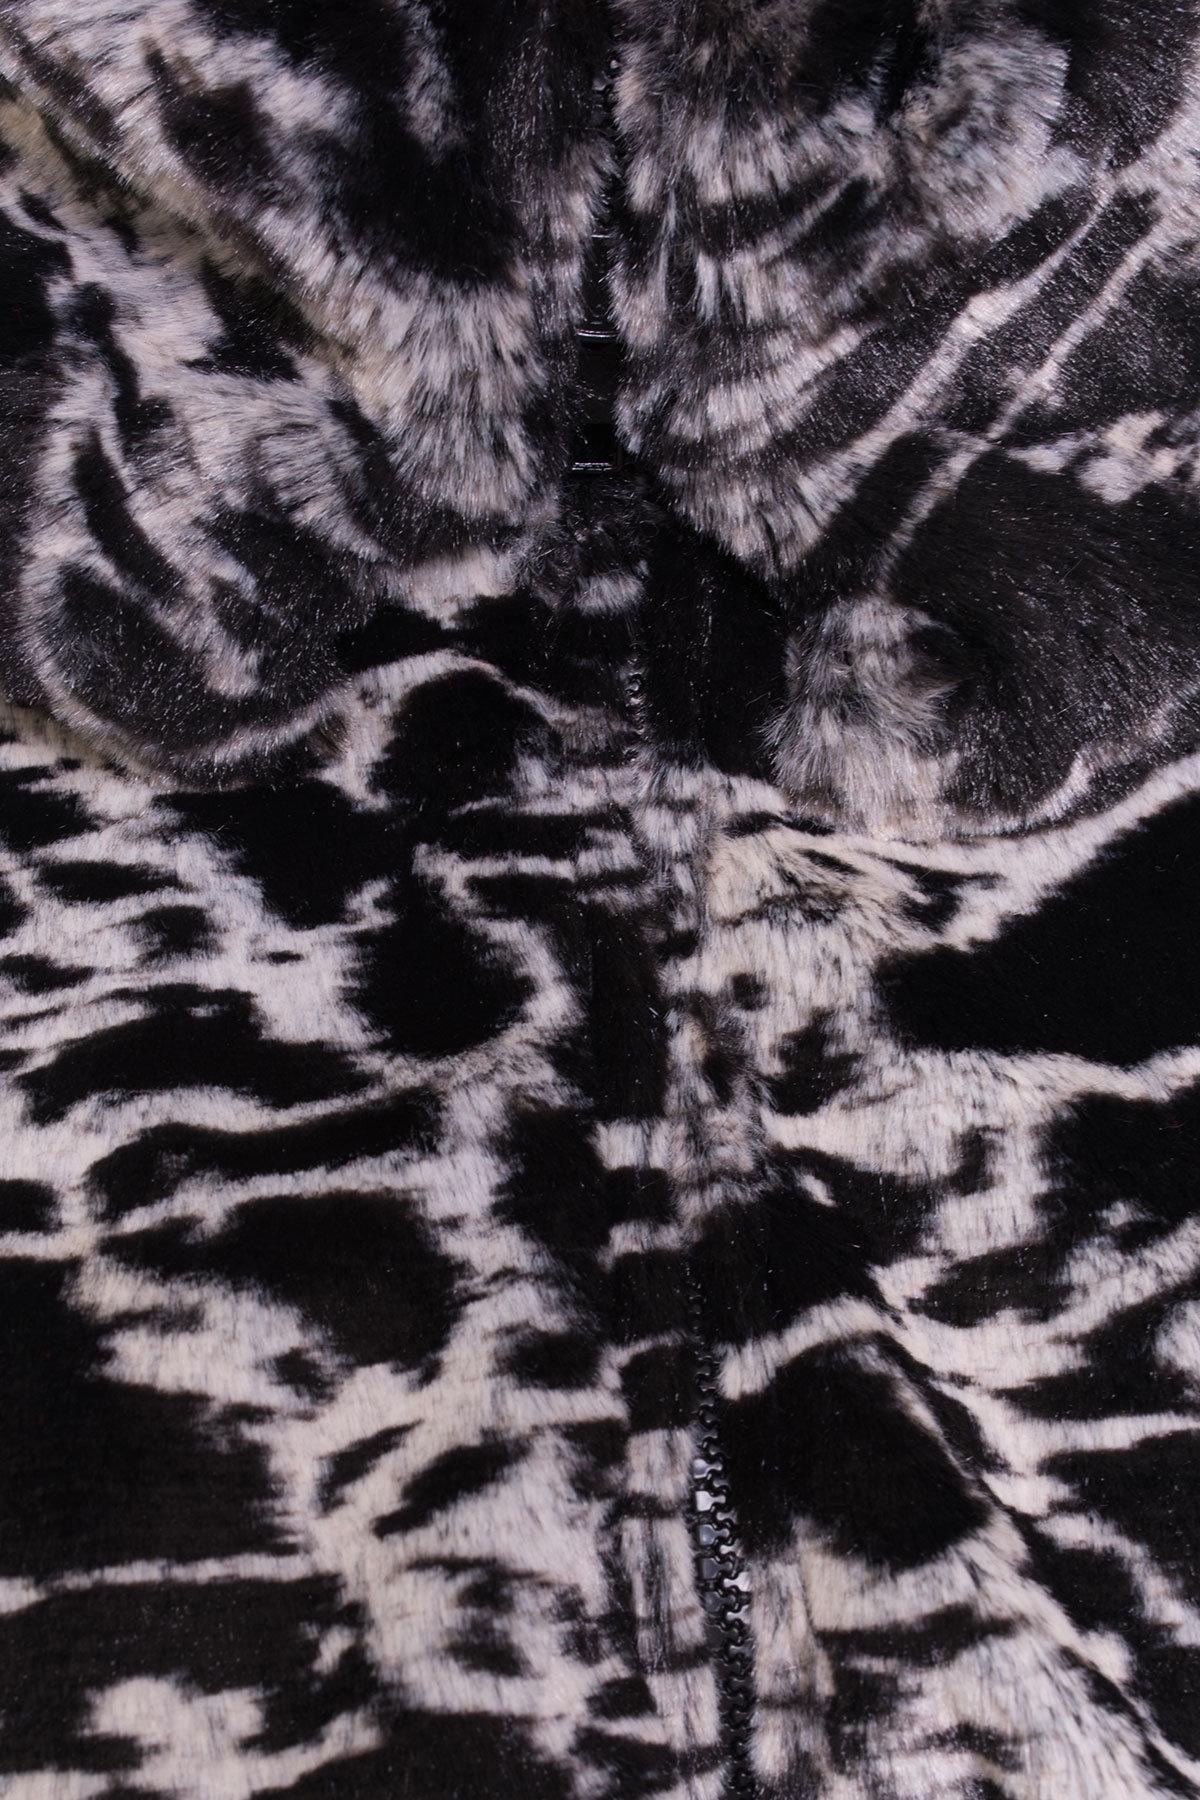 Куртка Малышка 3496 АРТ. 17772 Цвет: Паутинка - фото 3, интернет магазин tm-modus.ru